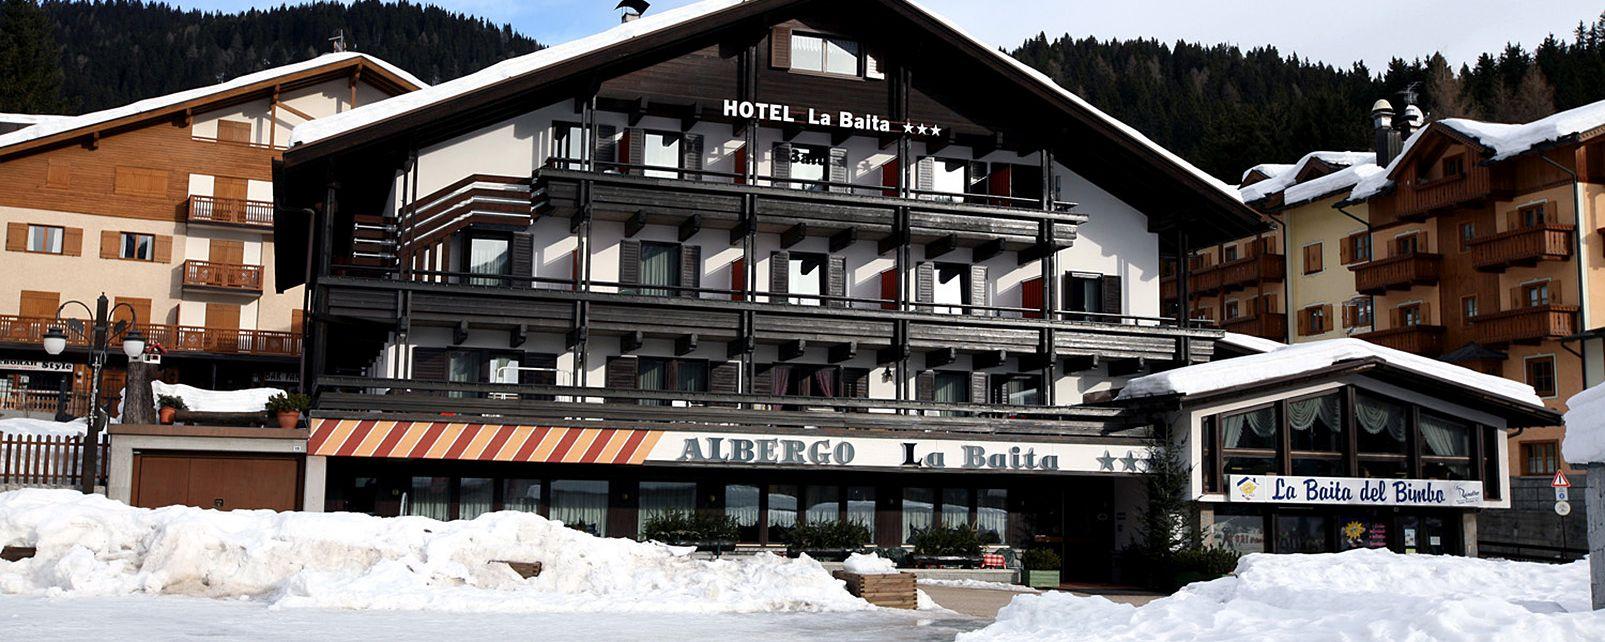 Hôtel La Baita